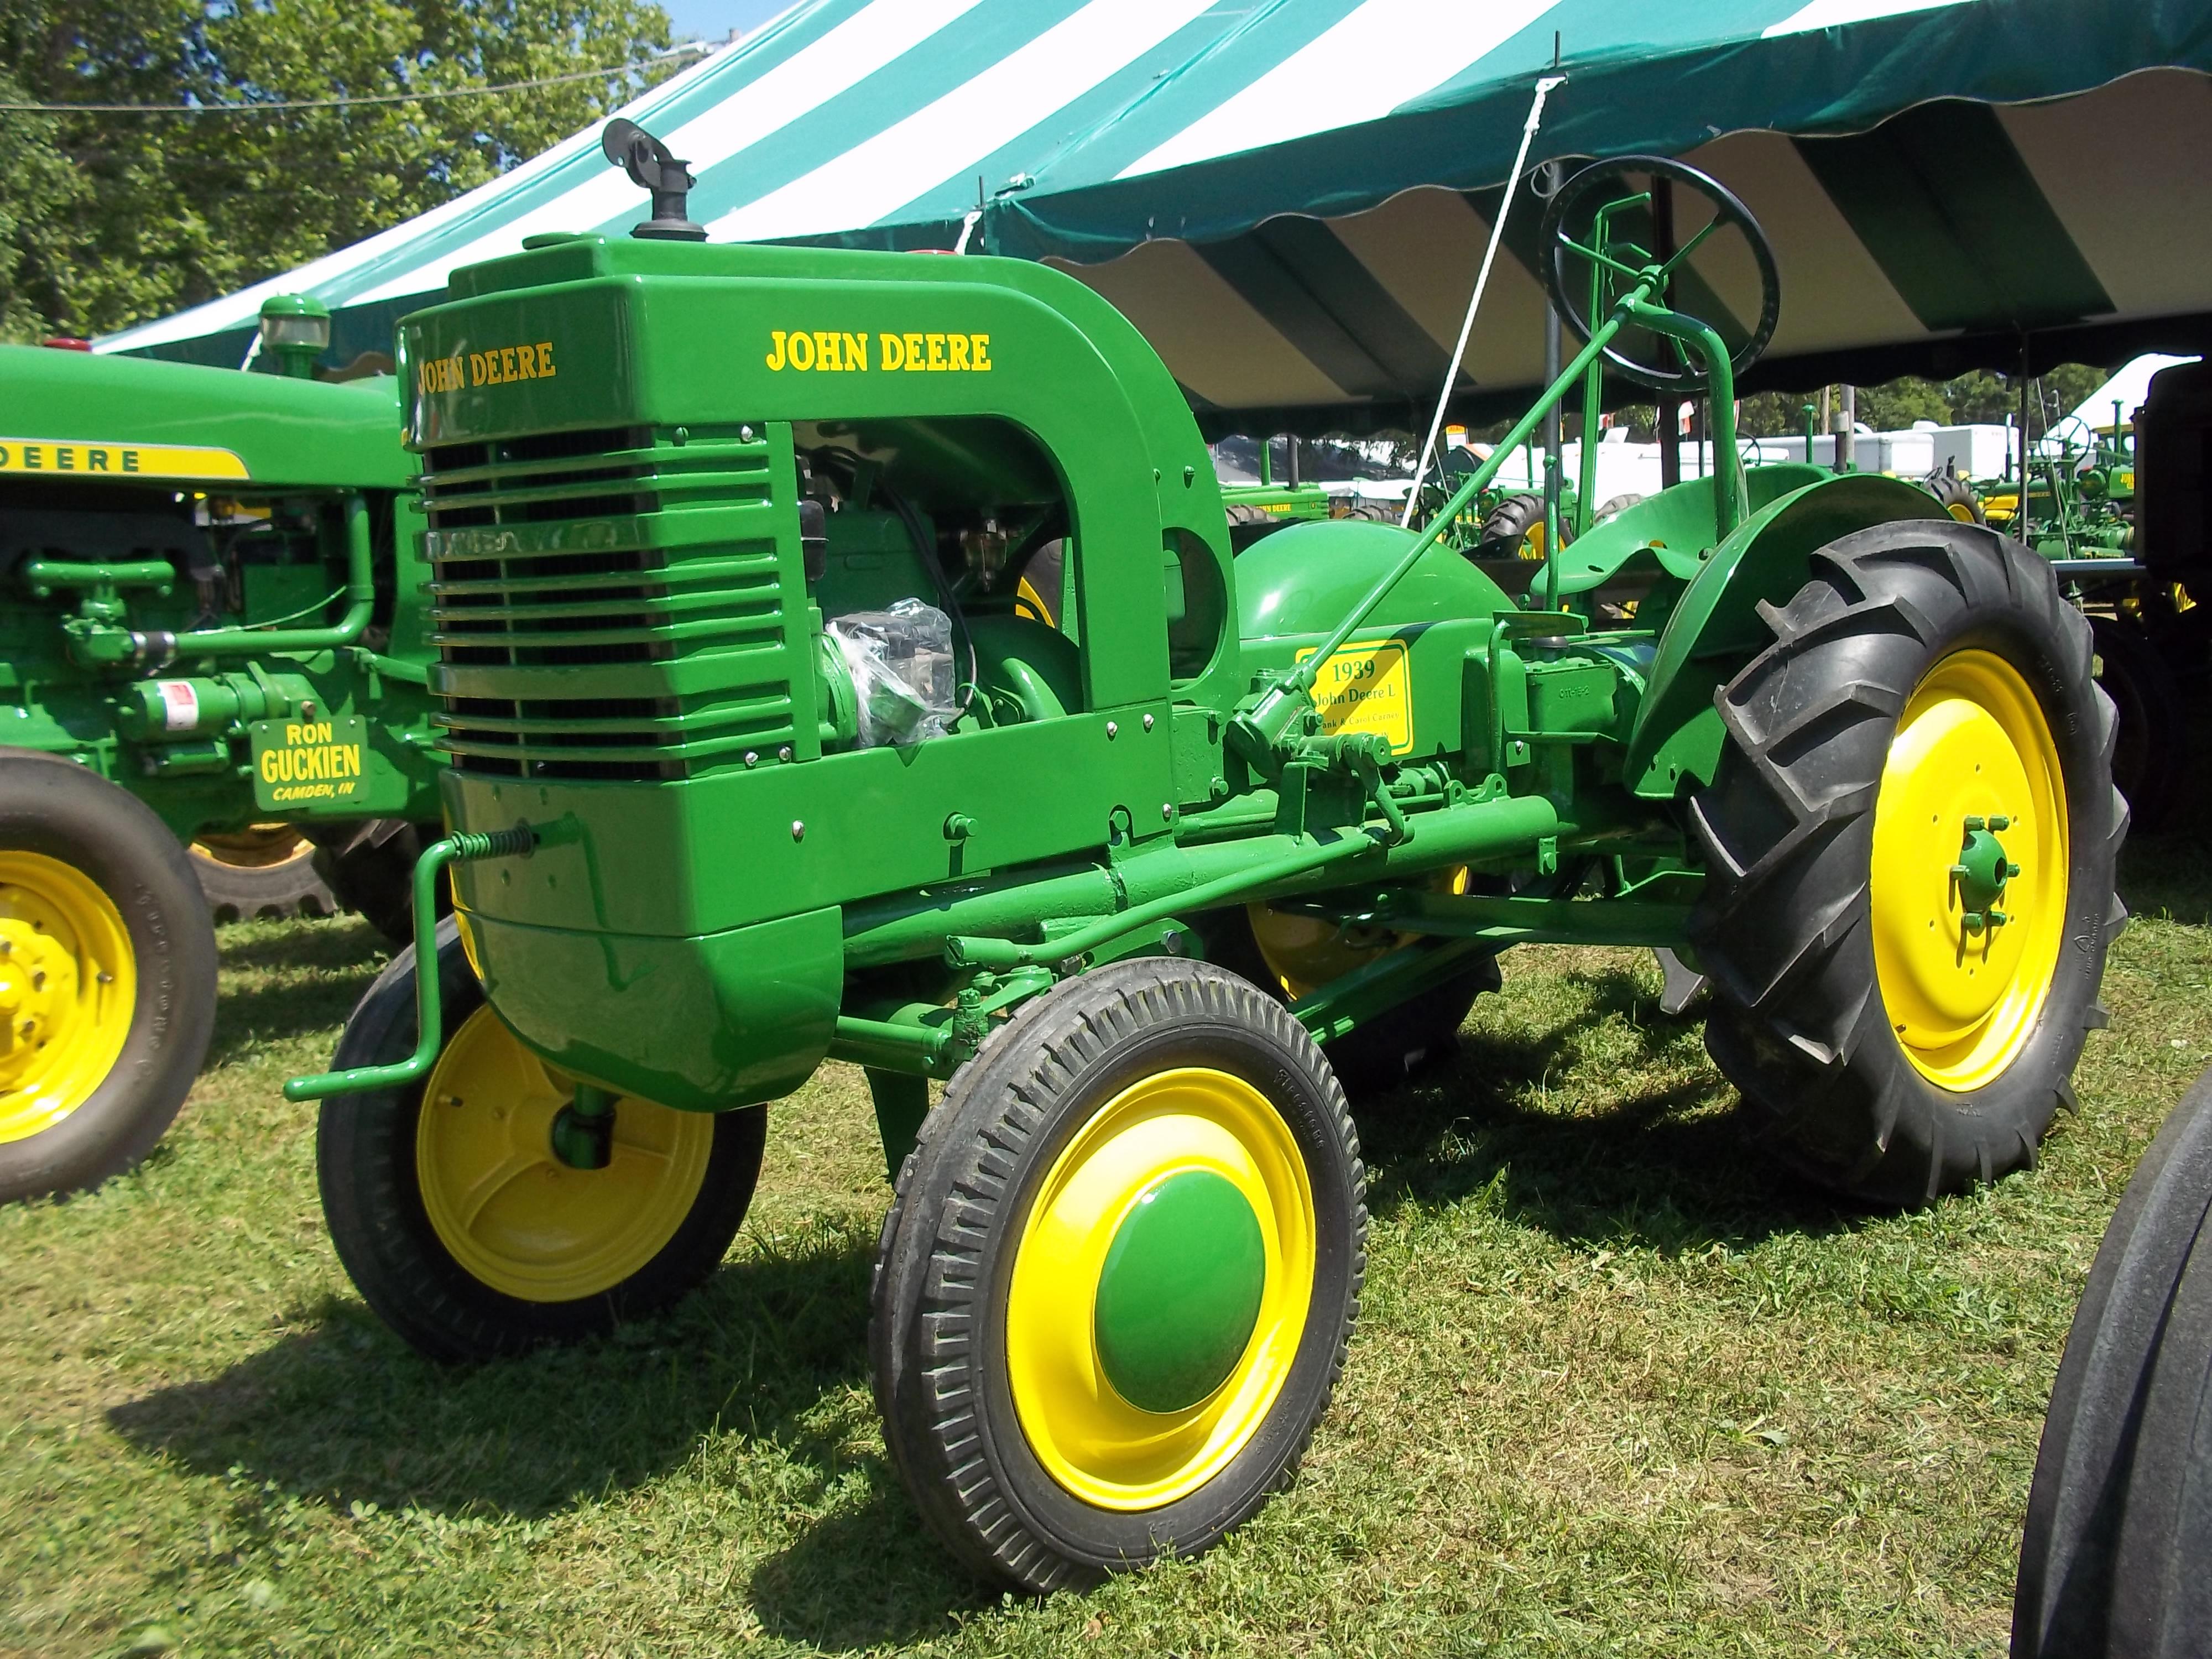 John Deere L Tractor | More John Deere Tractors: More John Deere